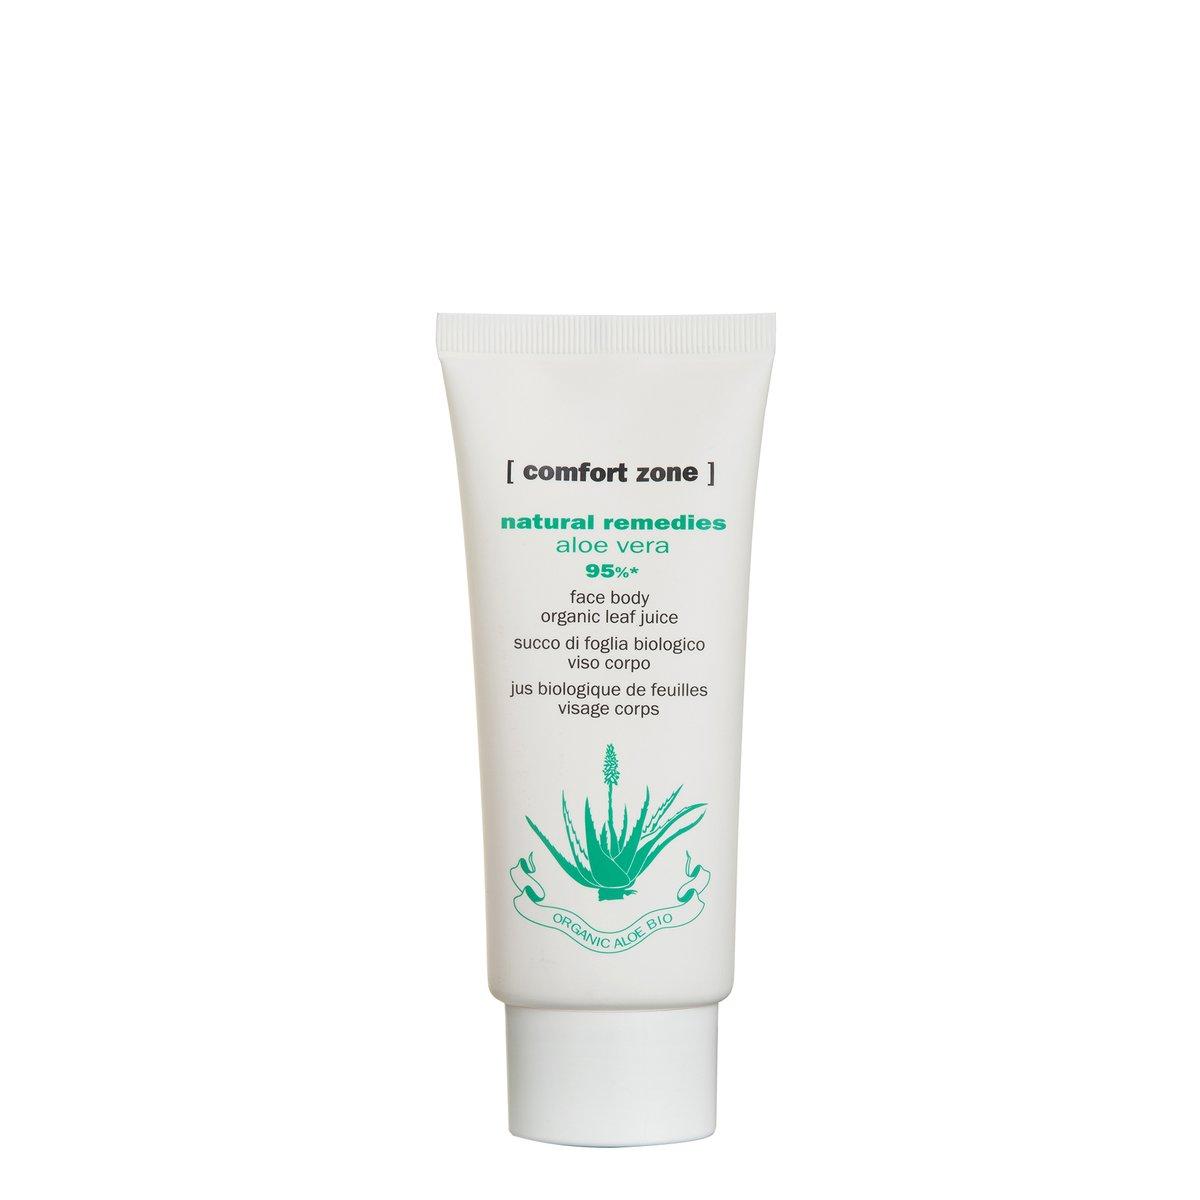 NATURAL REMEDIES ALOE VERA - Organisches Aloe Vera Gel für Gesicht und Körper